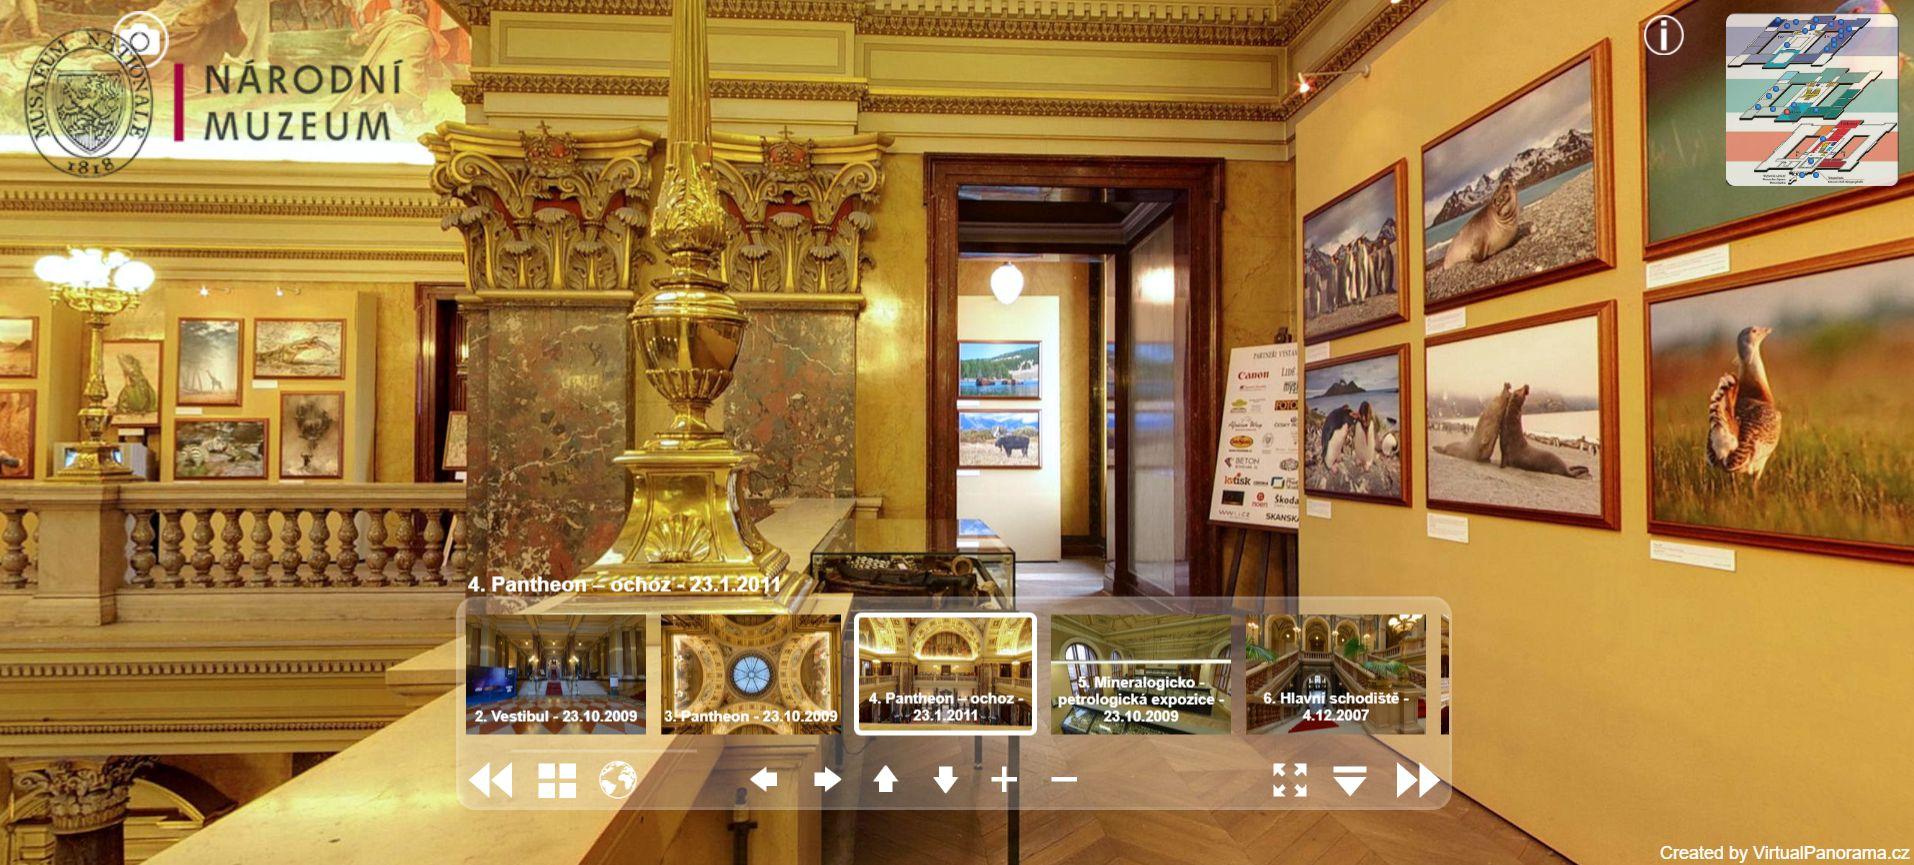 narodní muzeum